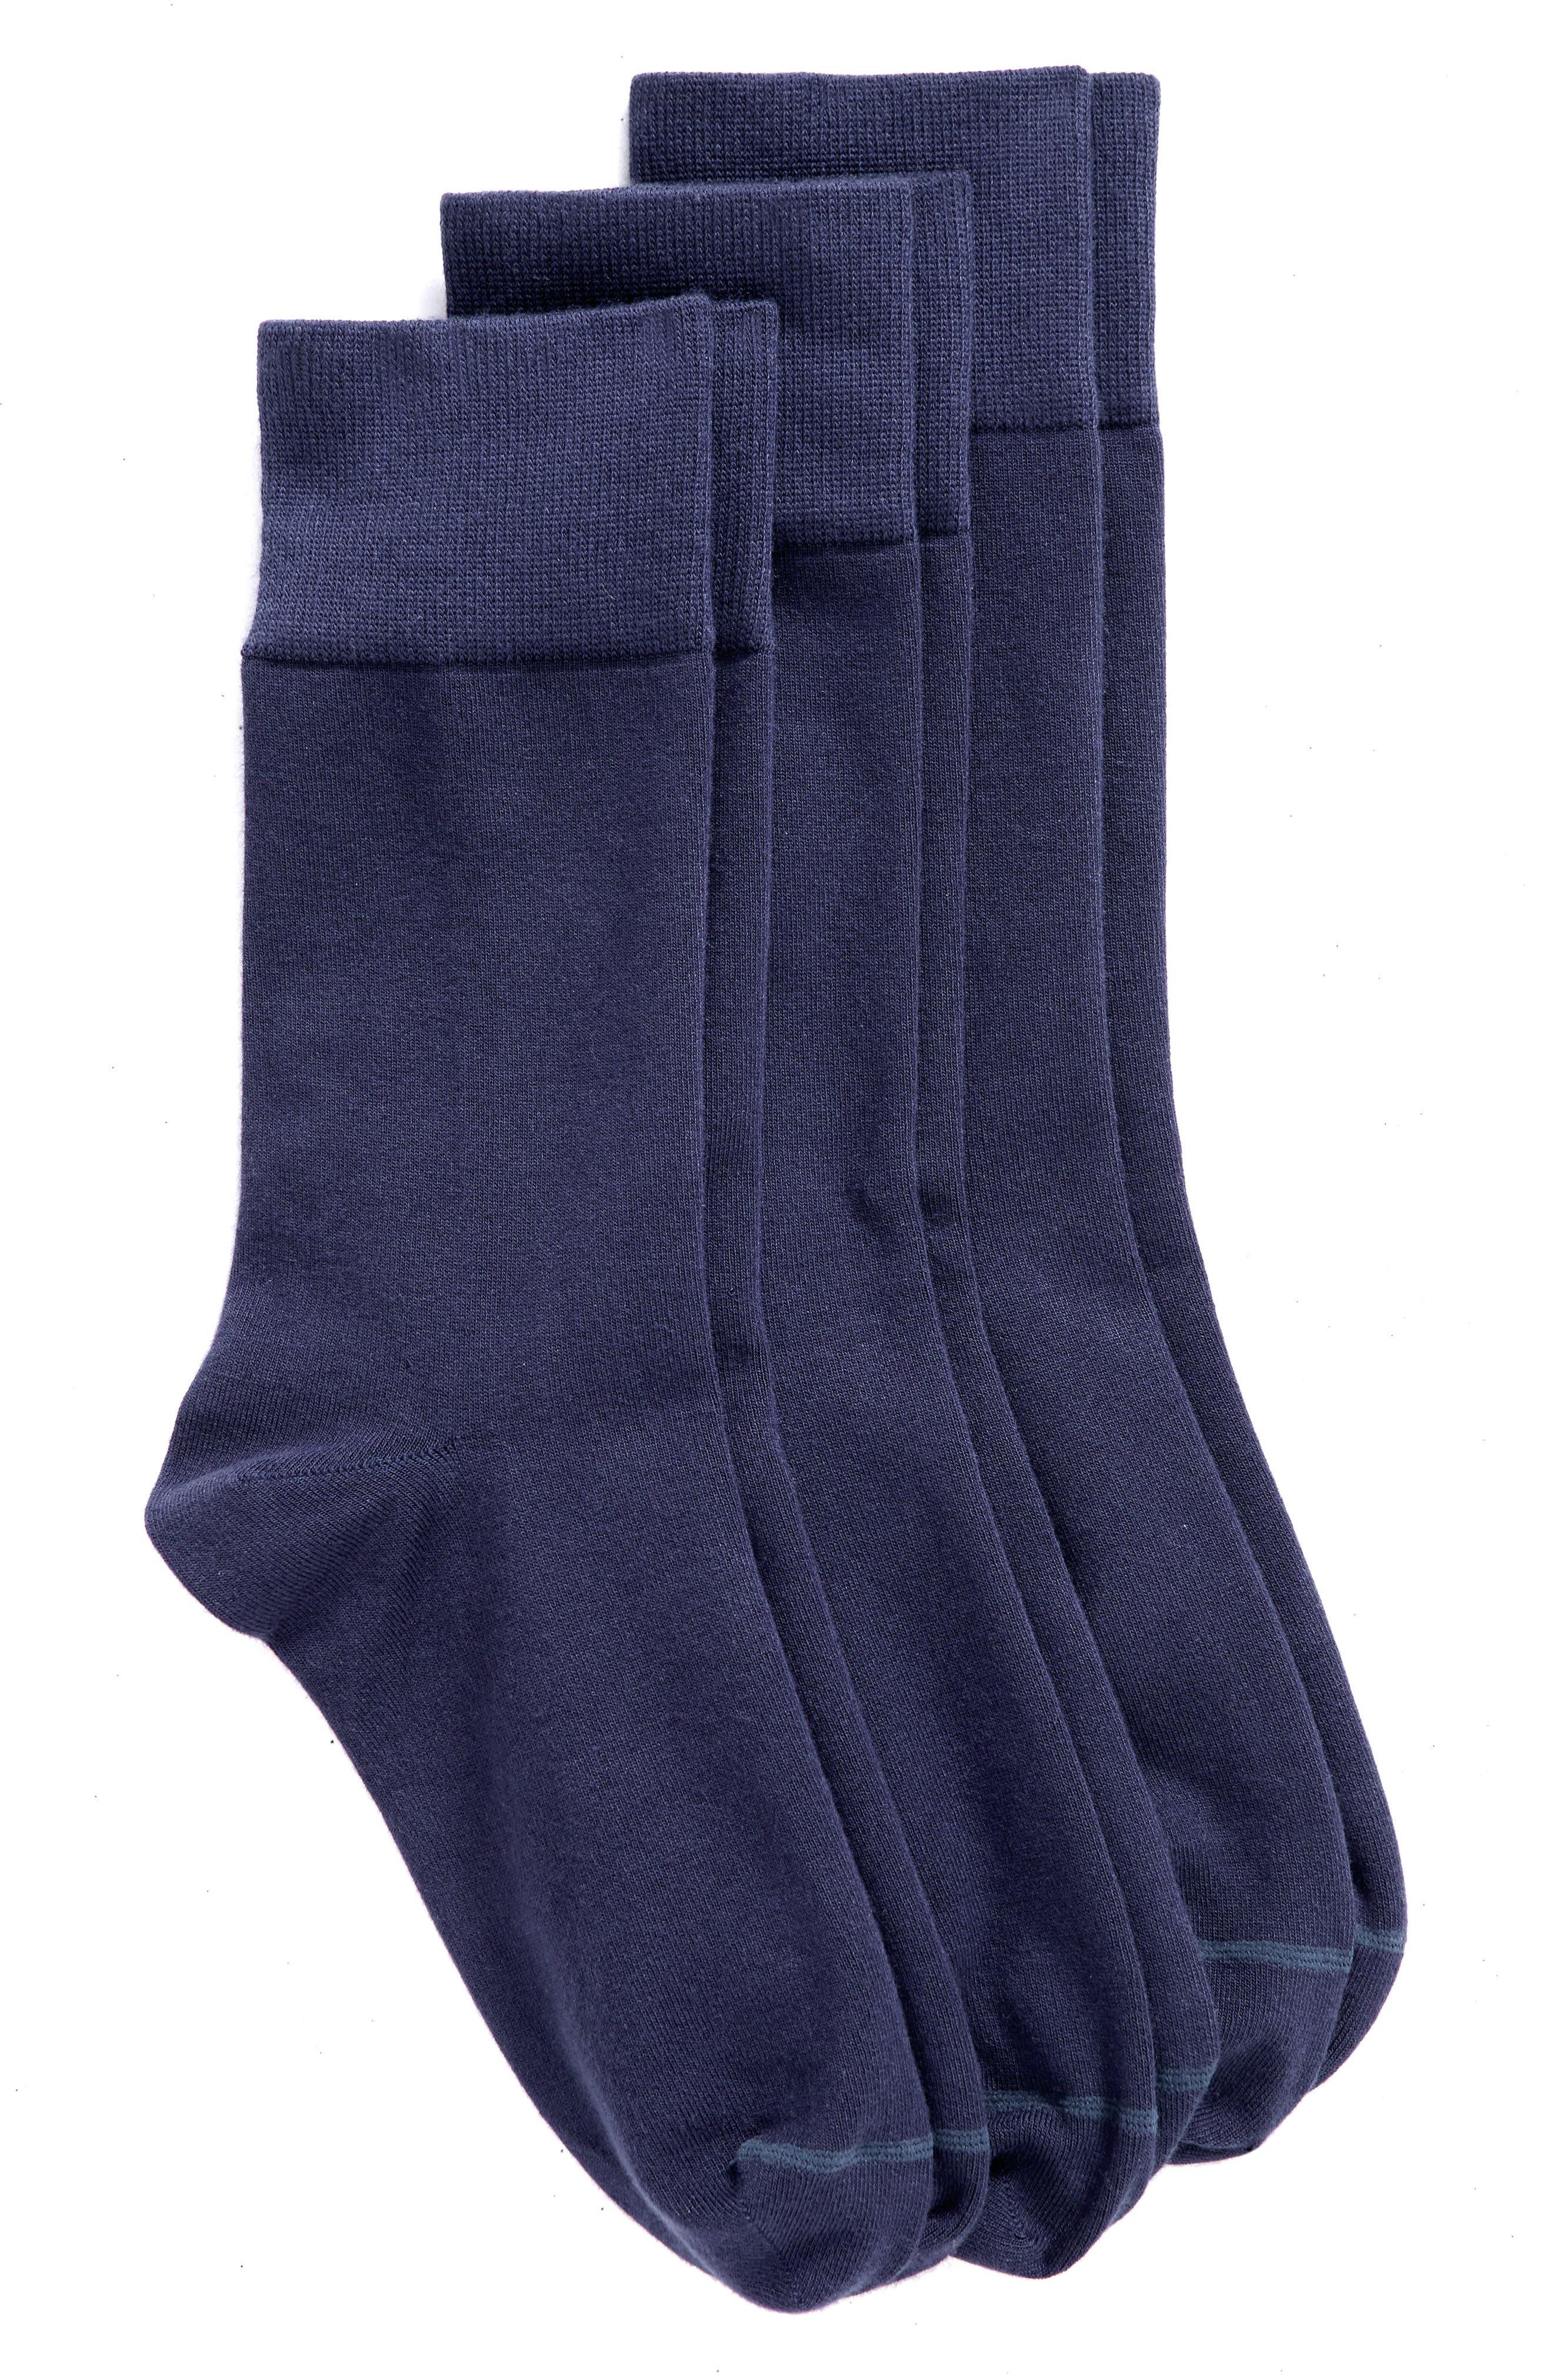 Crew Socks,                             Alternate thumbnail 3, color,                             NAVY